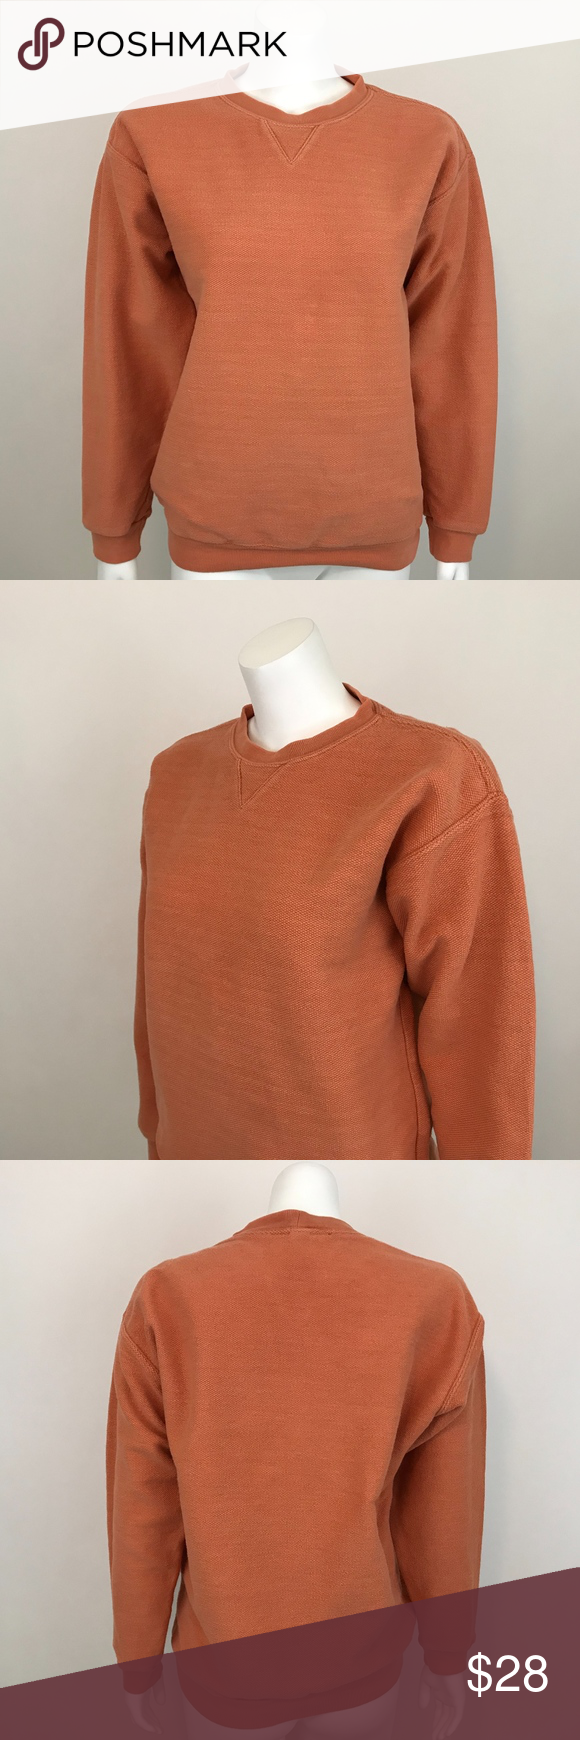 Lands End Crew Neck Textured Orange Sweatshirt S Lands End Sweatshirt Women S Size S 6 8 Orange L Sweatshirts Women Orange Sweatshirts Clothes Design [ 1740 x 580 Pixel ]